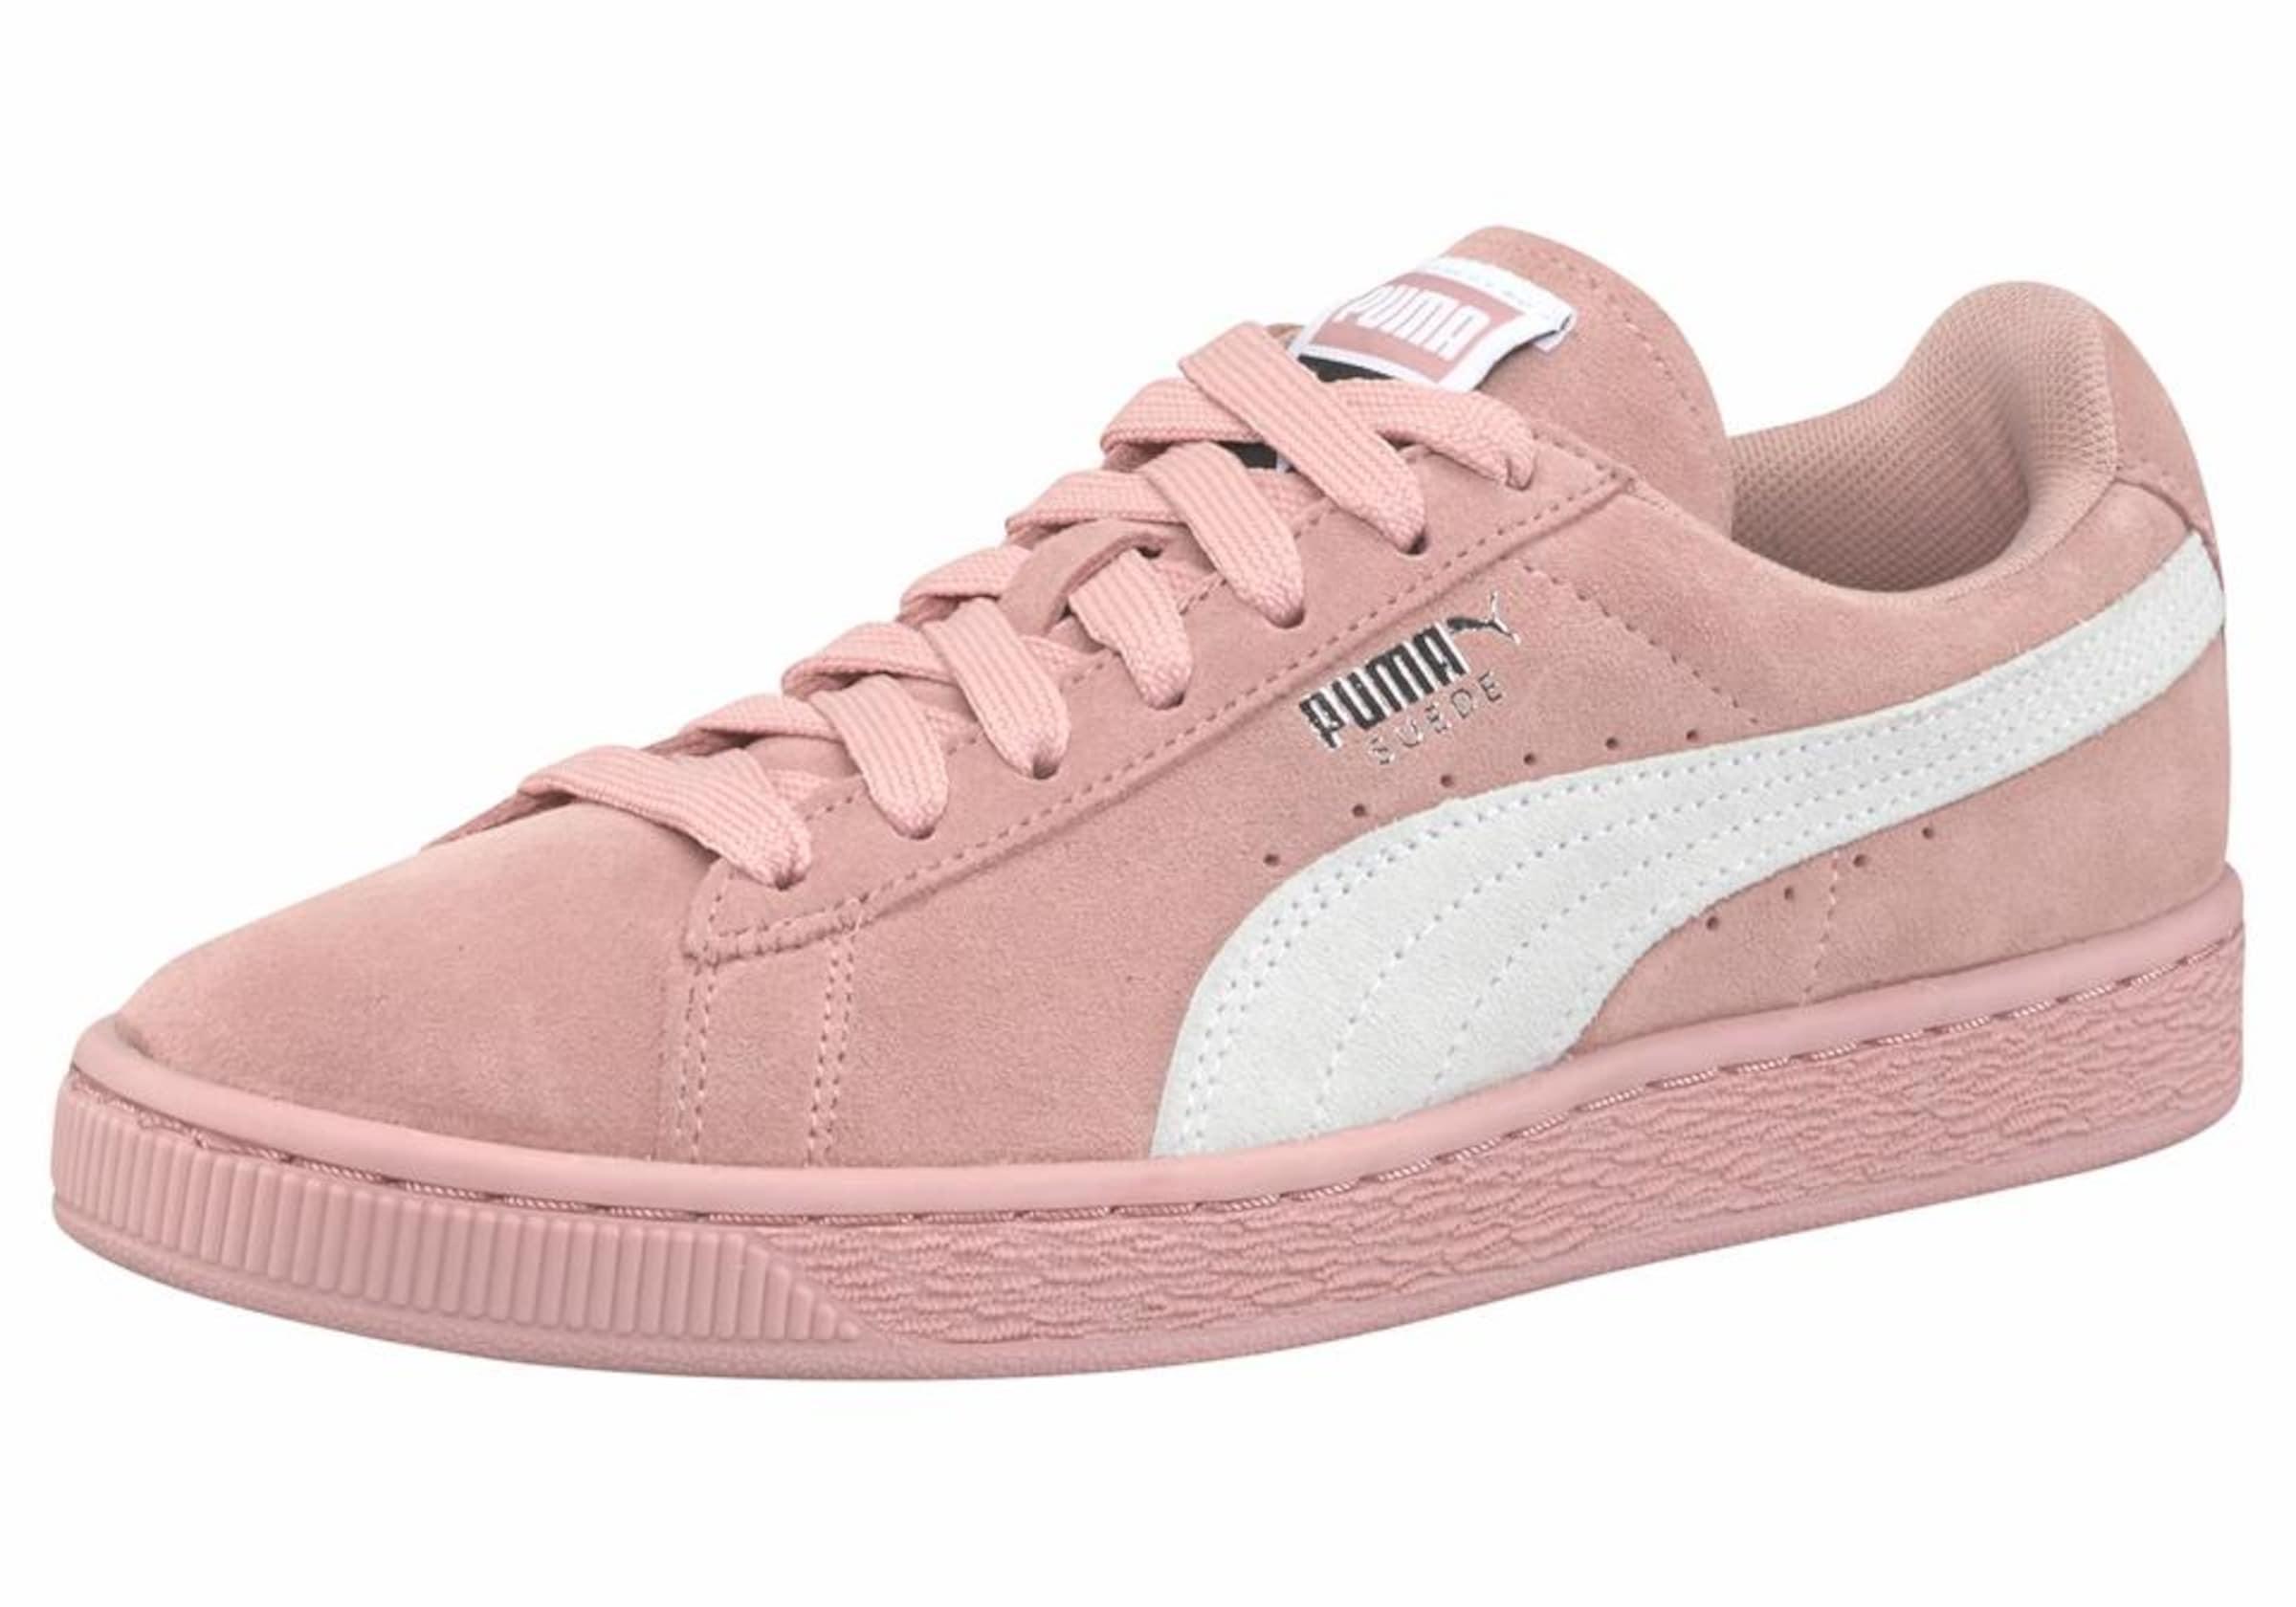 PUMA Suede Classic Sneaker Damen Hohe Qualität